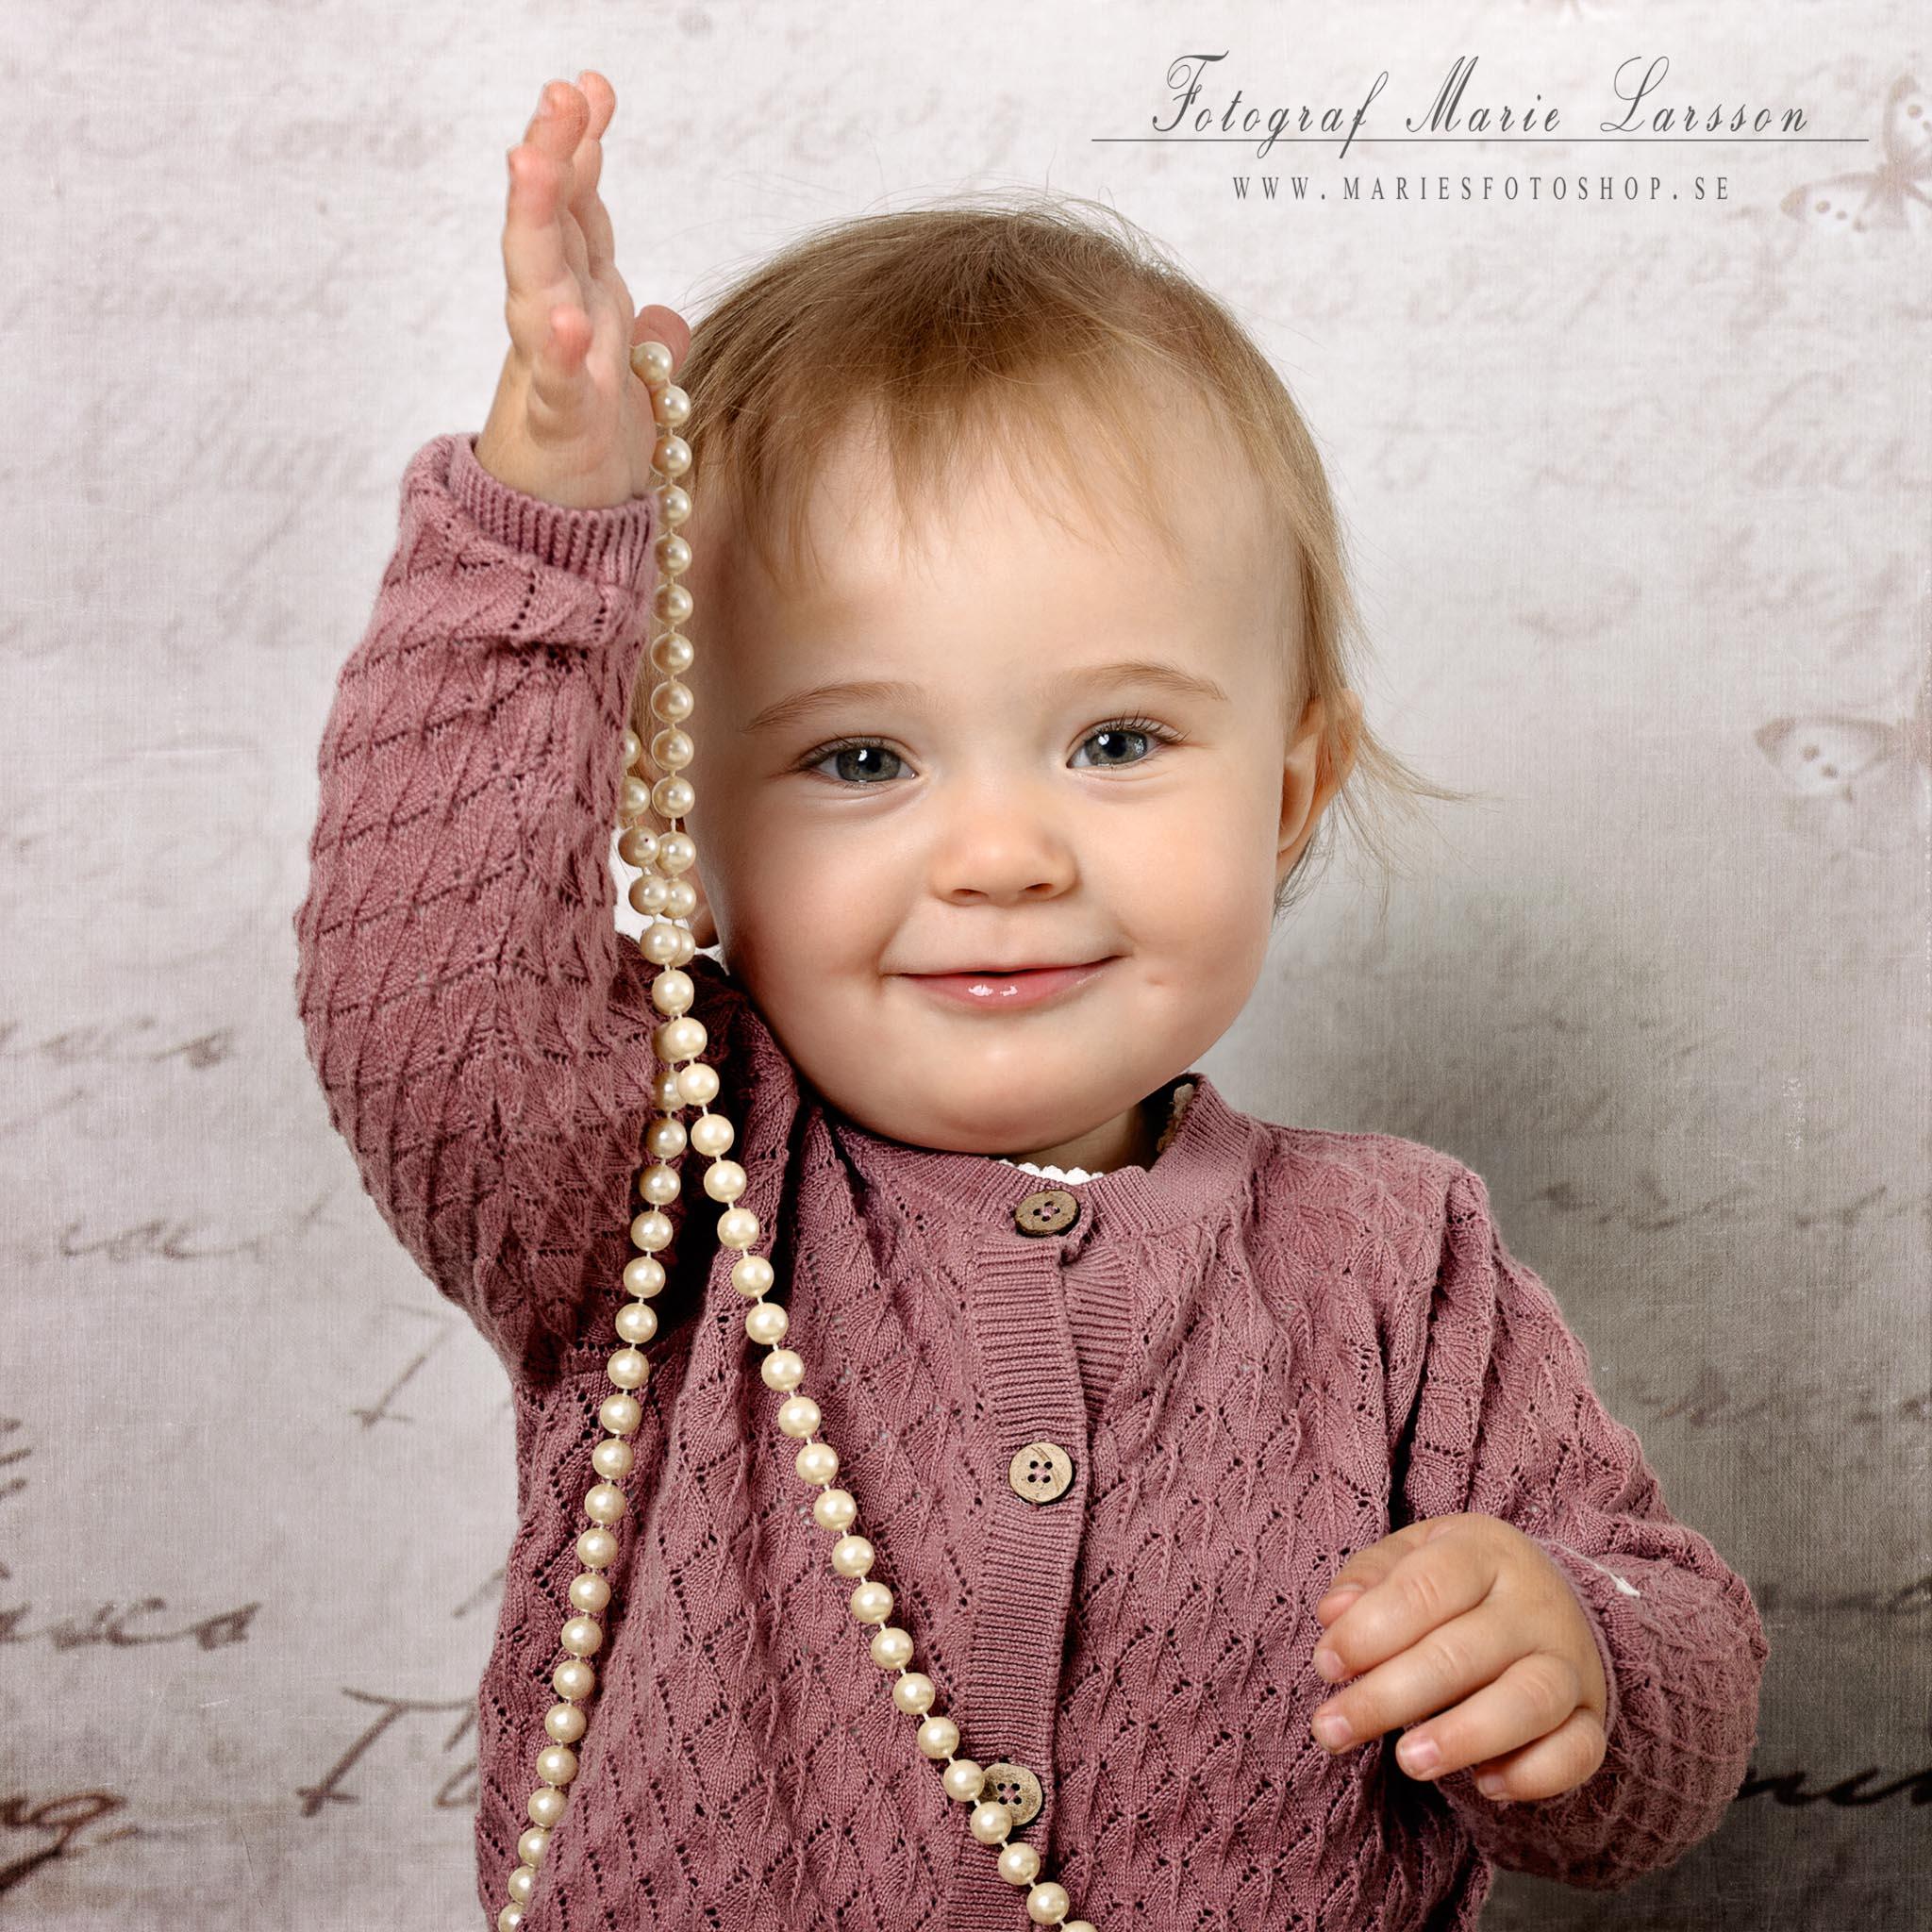 www.mariesfotoshop.se26082015_DSC9190-Redigerablogg2048